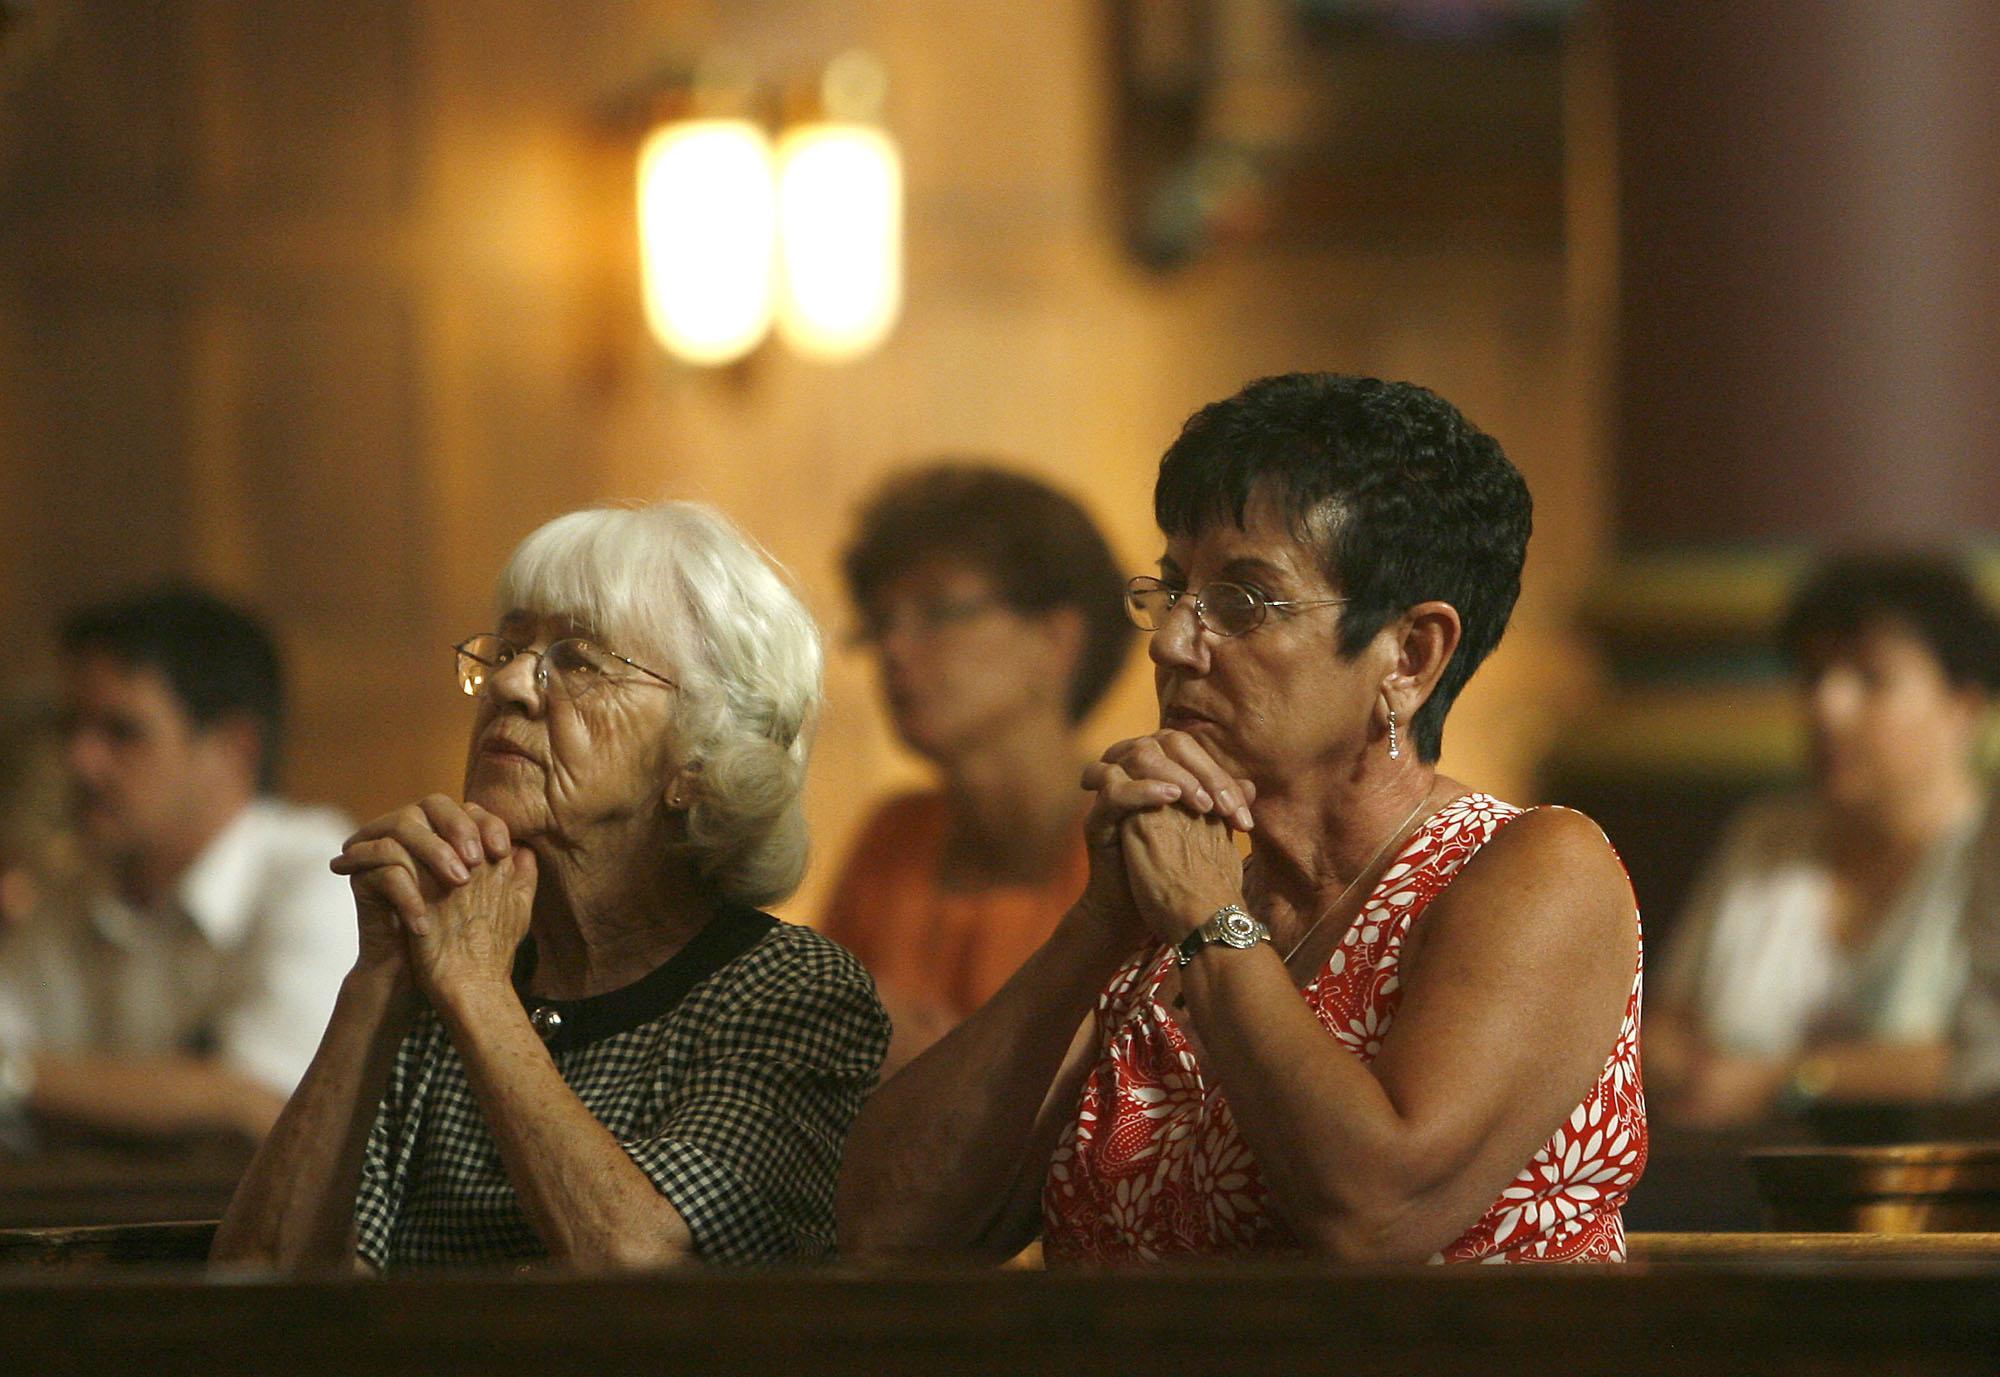 Una encuesta revela que la religiosidad no va de la mano de la tolerancia.